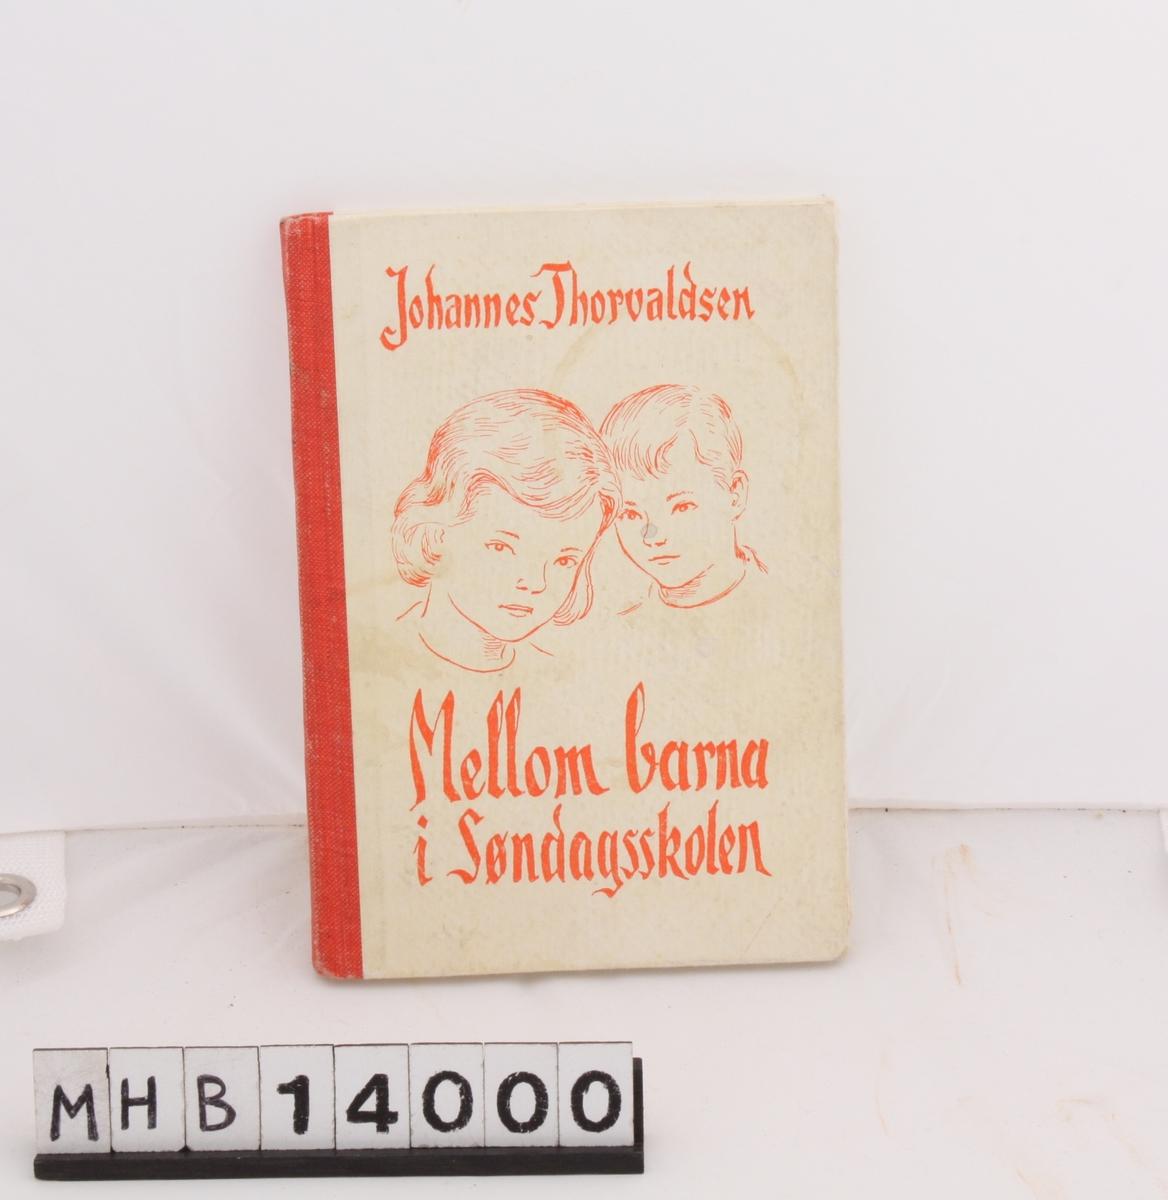 Rektangulær bok med hvitt omslag og rød rygg. På forsiden er en enkel tegning av et gutte- og et jentehode. Boka er for lærere i søndagsskolen.